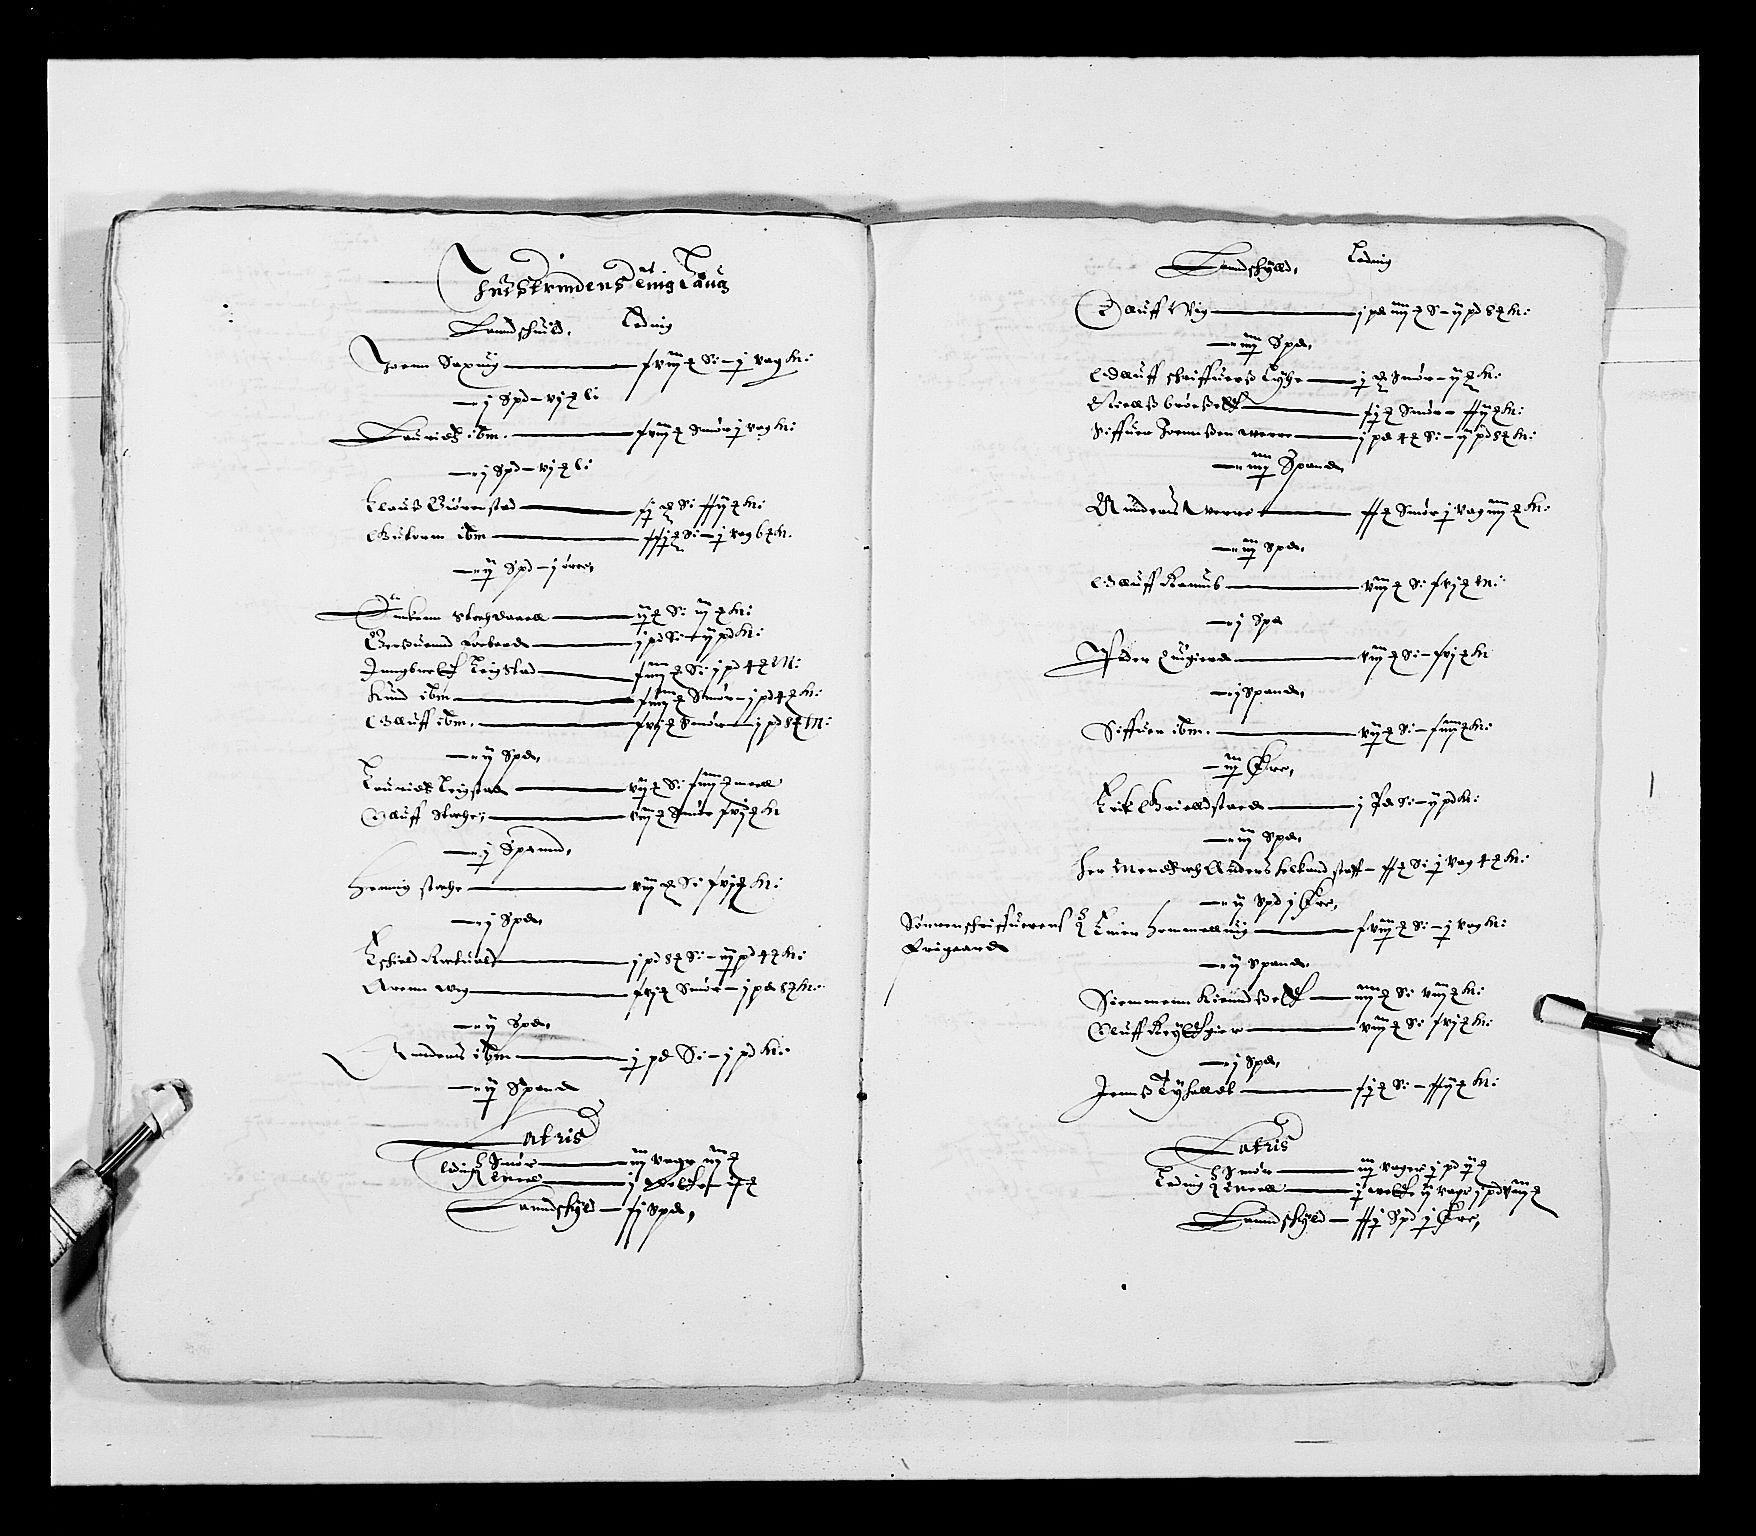 RA, Stattholderembetet 1572-1771, Ek/L0028: Jordebøker 1633-1658:, 1645-1646, s. 179